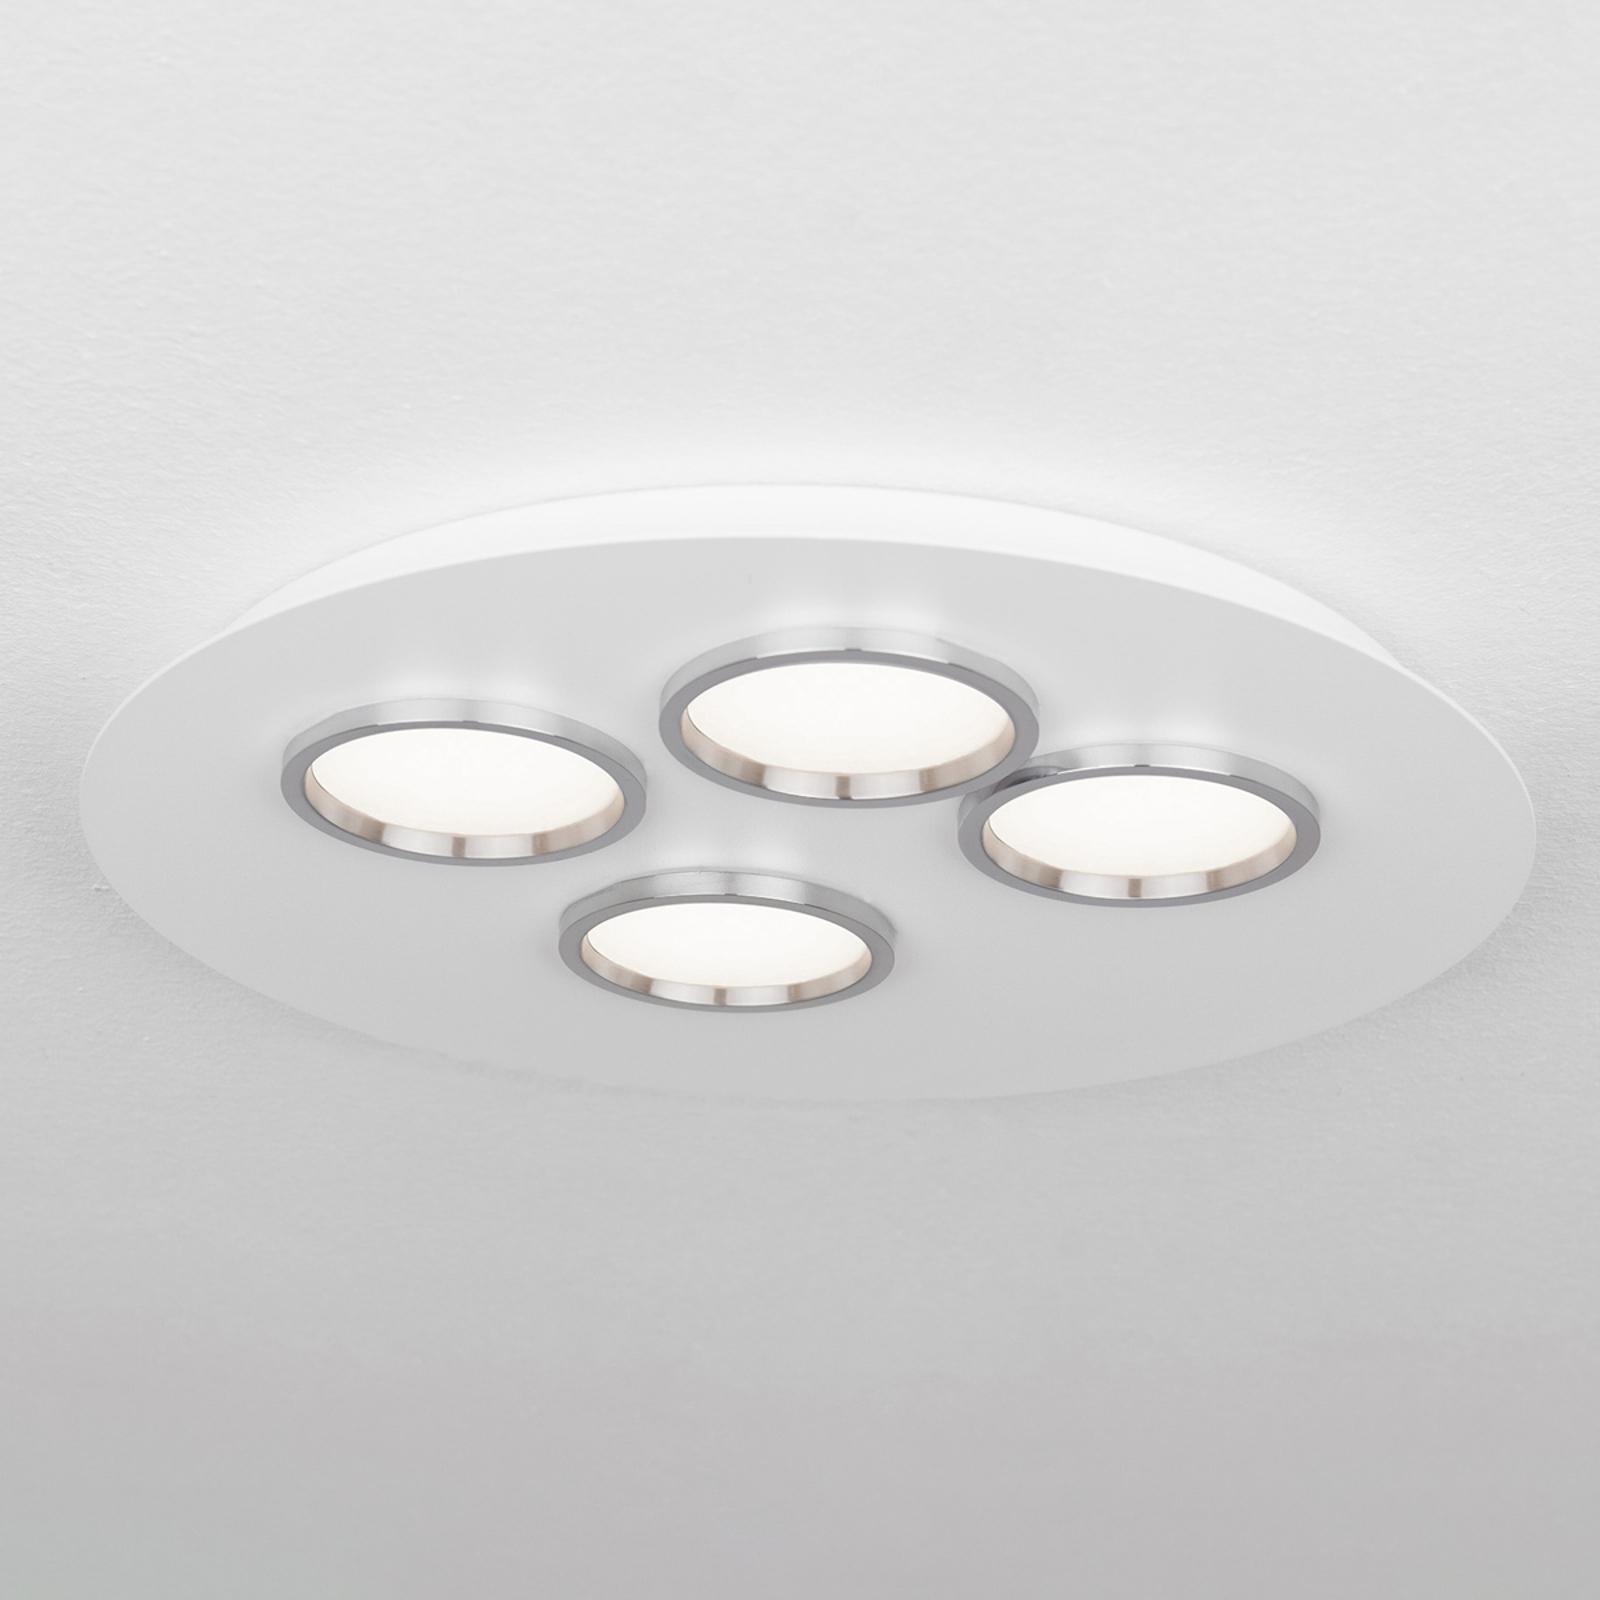 Okrągła lampa sufitowa LED Brac z czterema LED